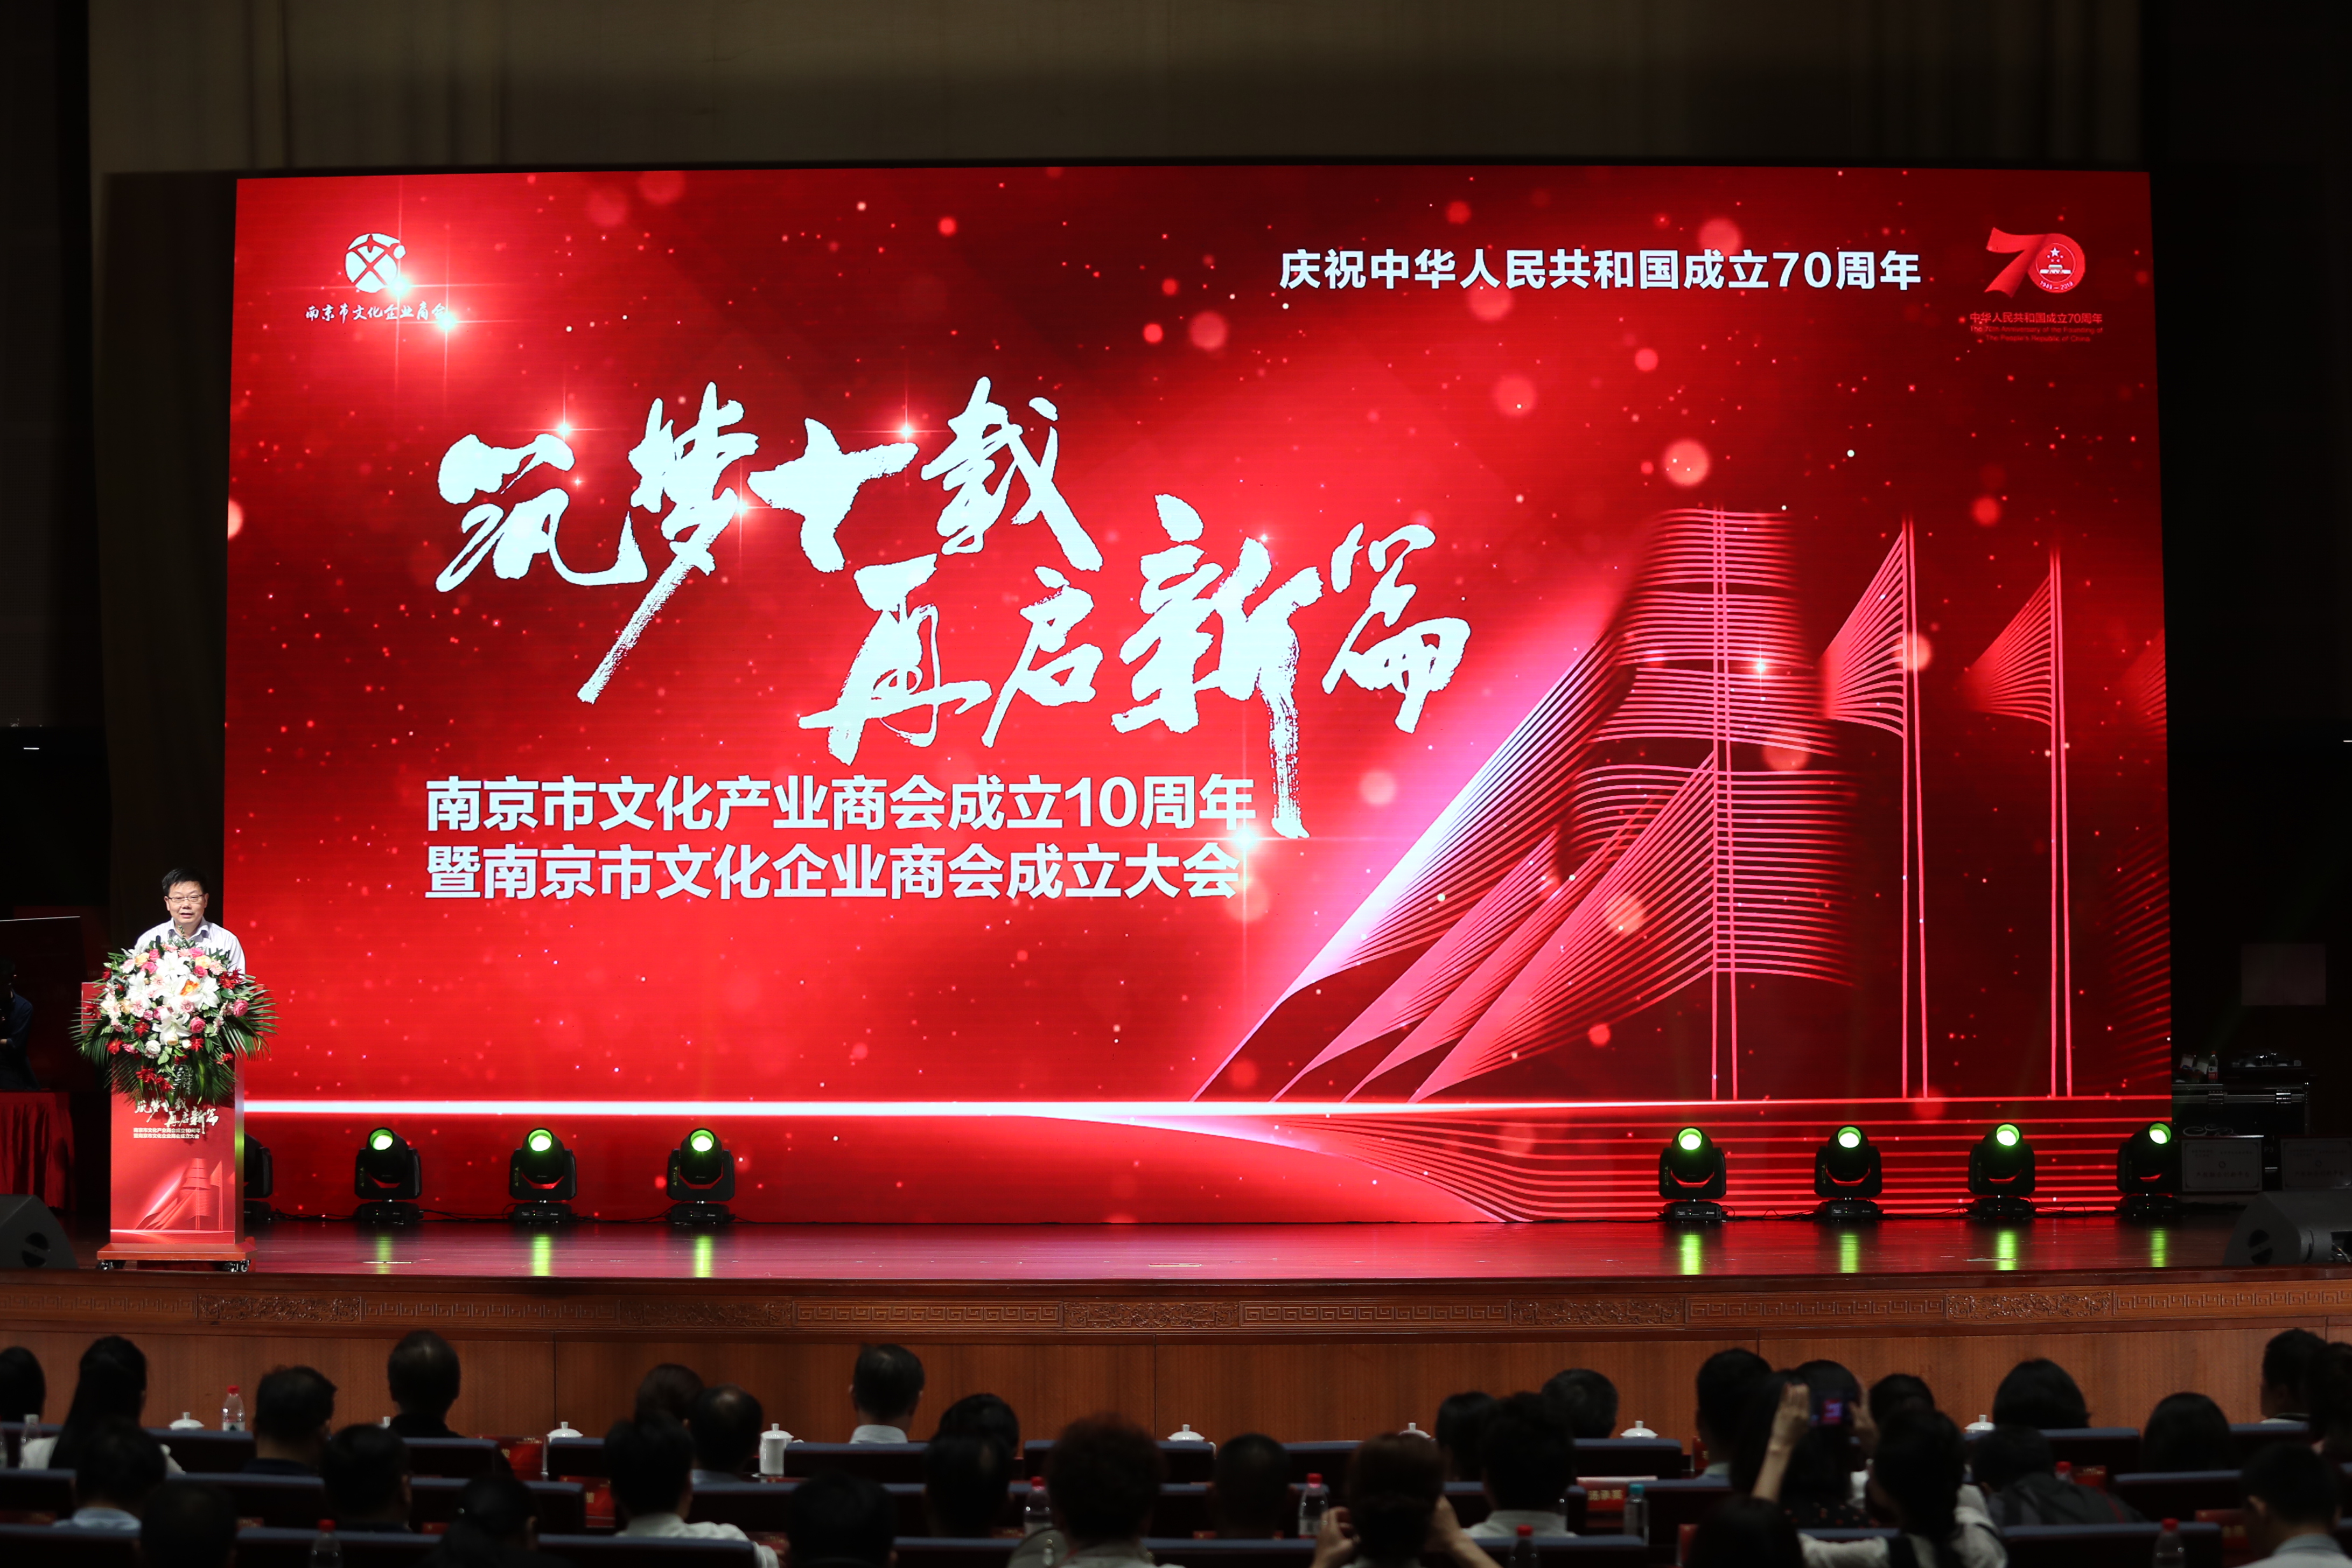 热烈庆祝南京市文化企业商会隆重成立!